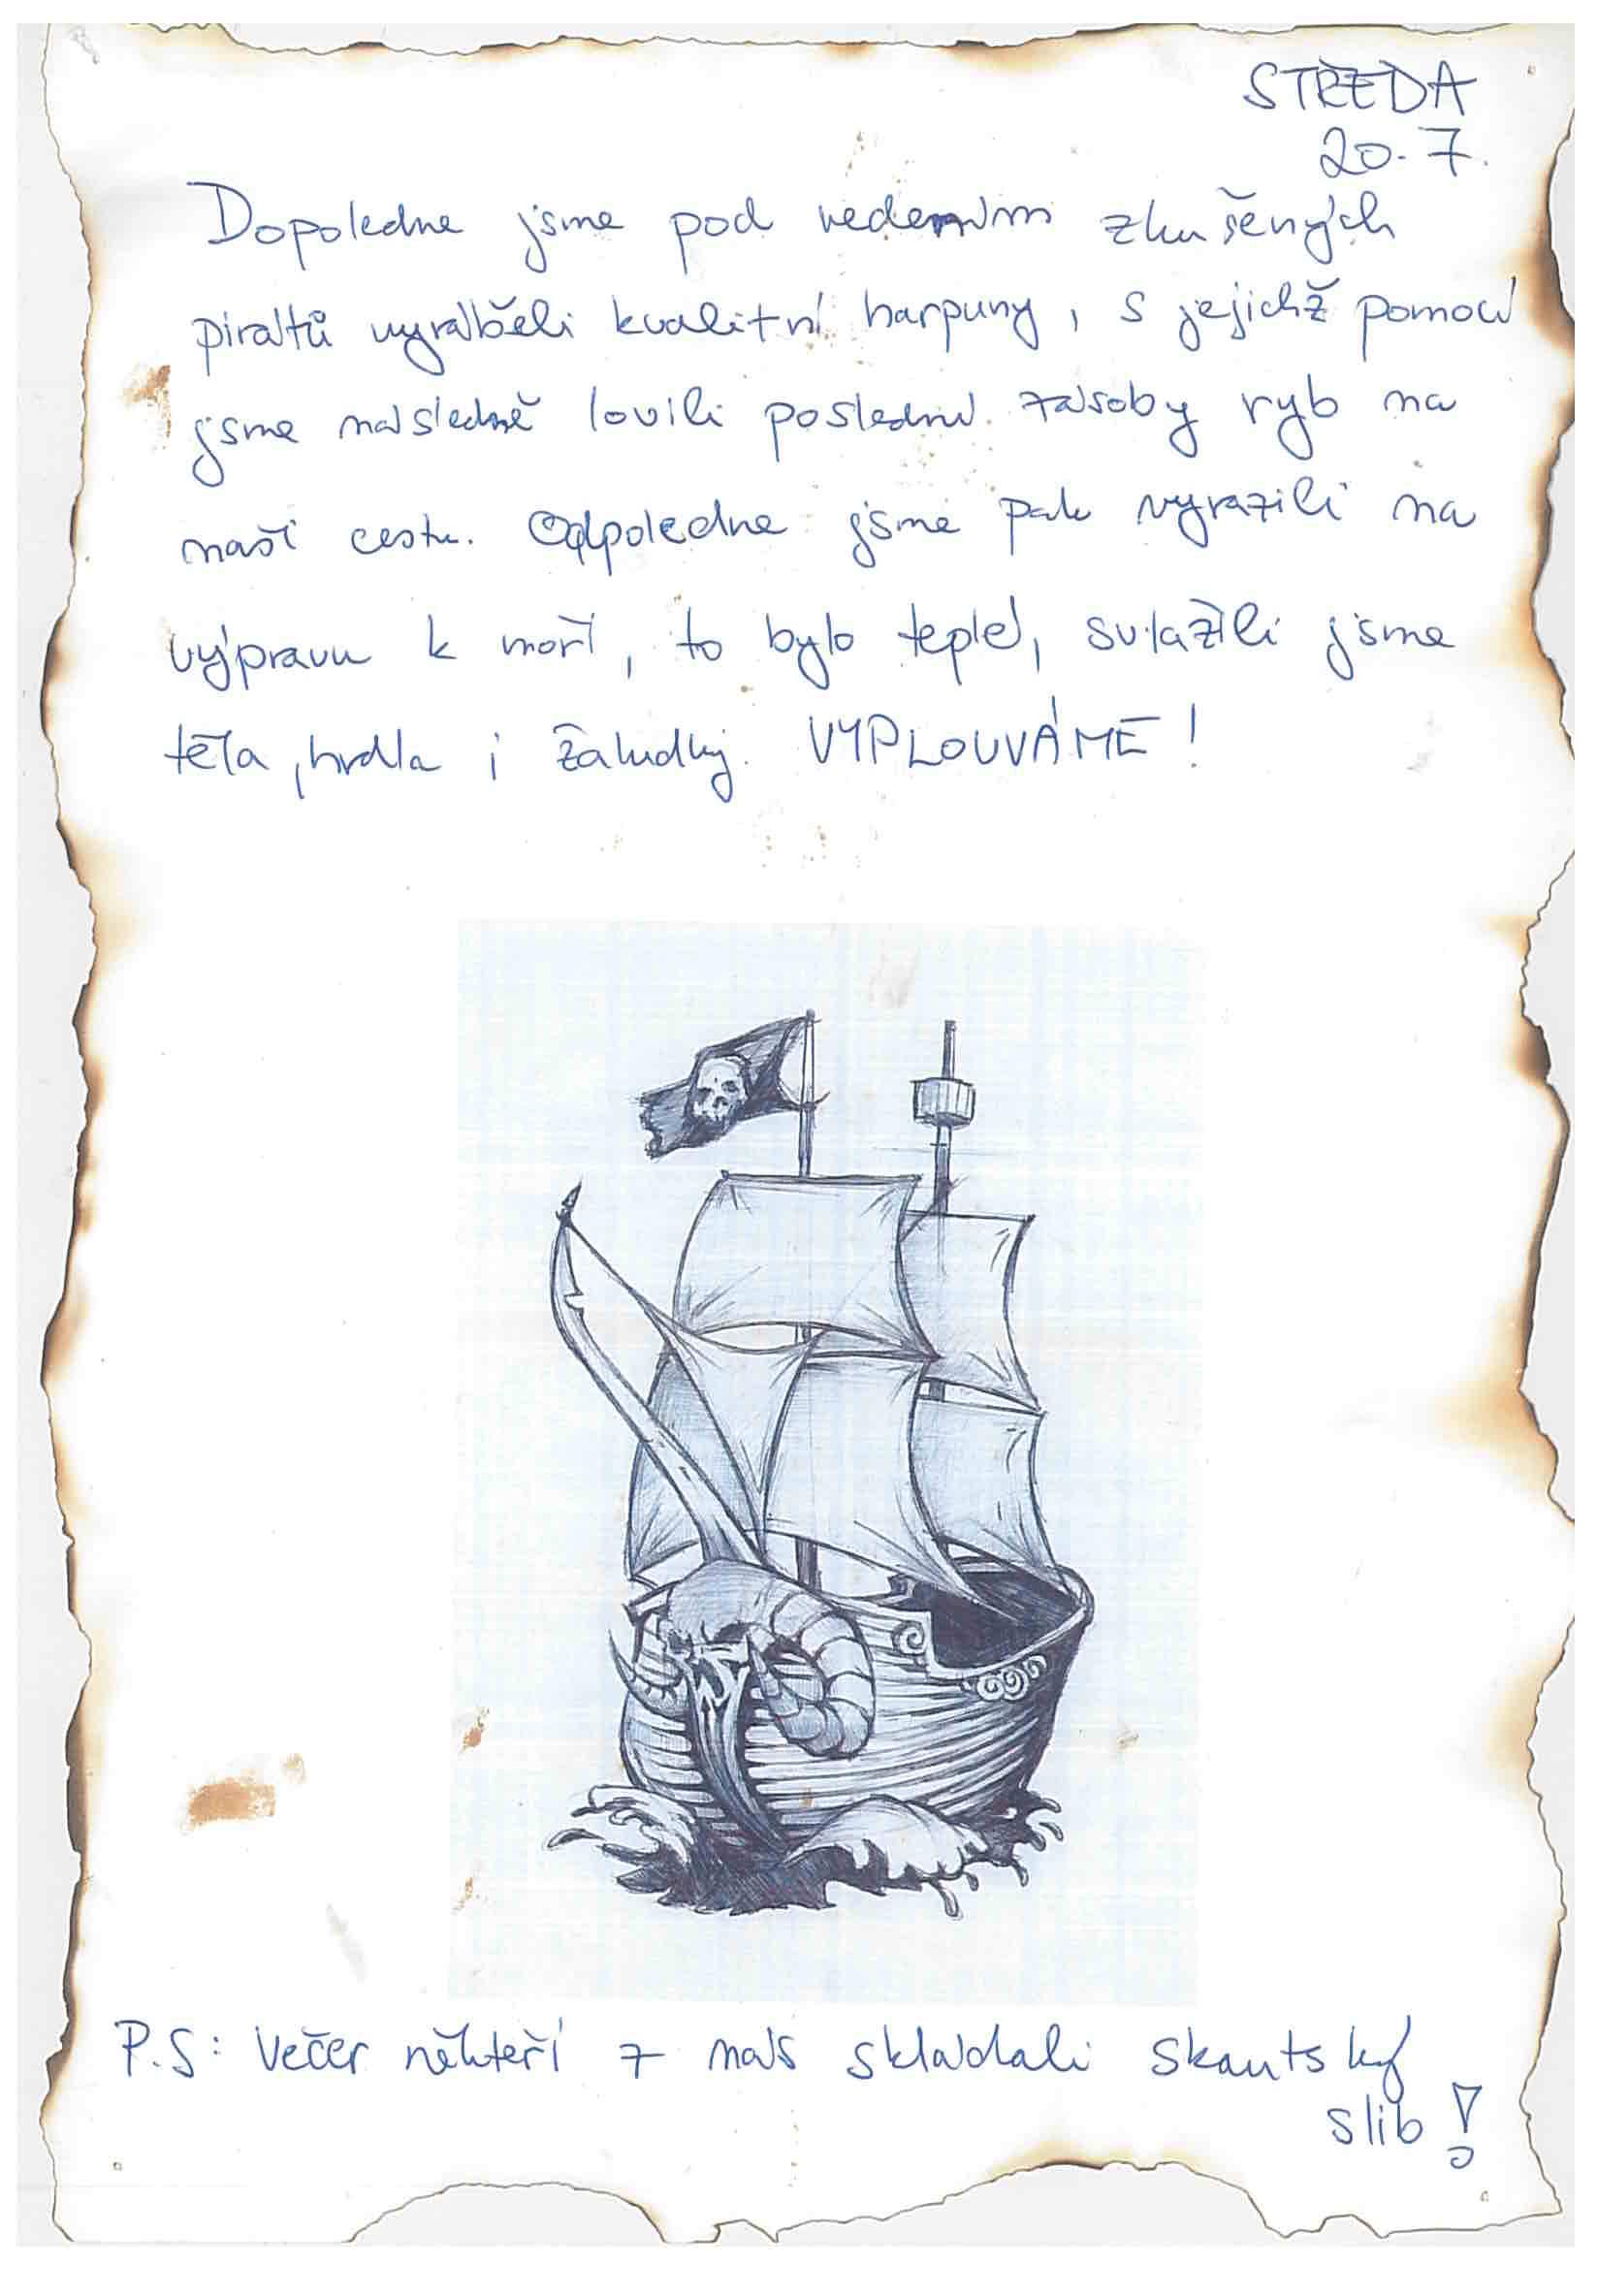 20.7.2016 Vzpomínka na tábor 2016 - Piráti